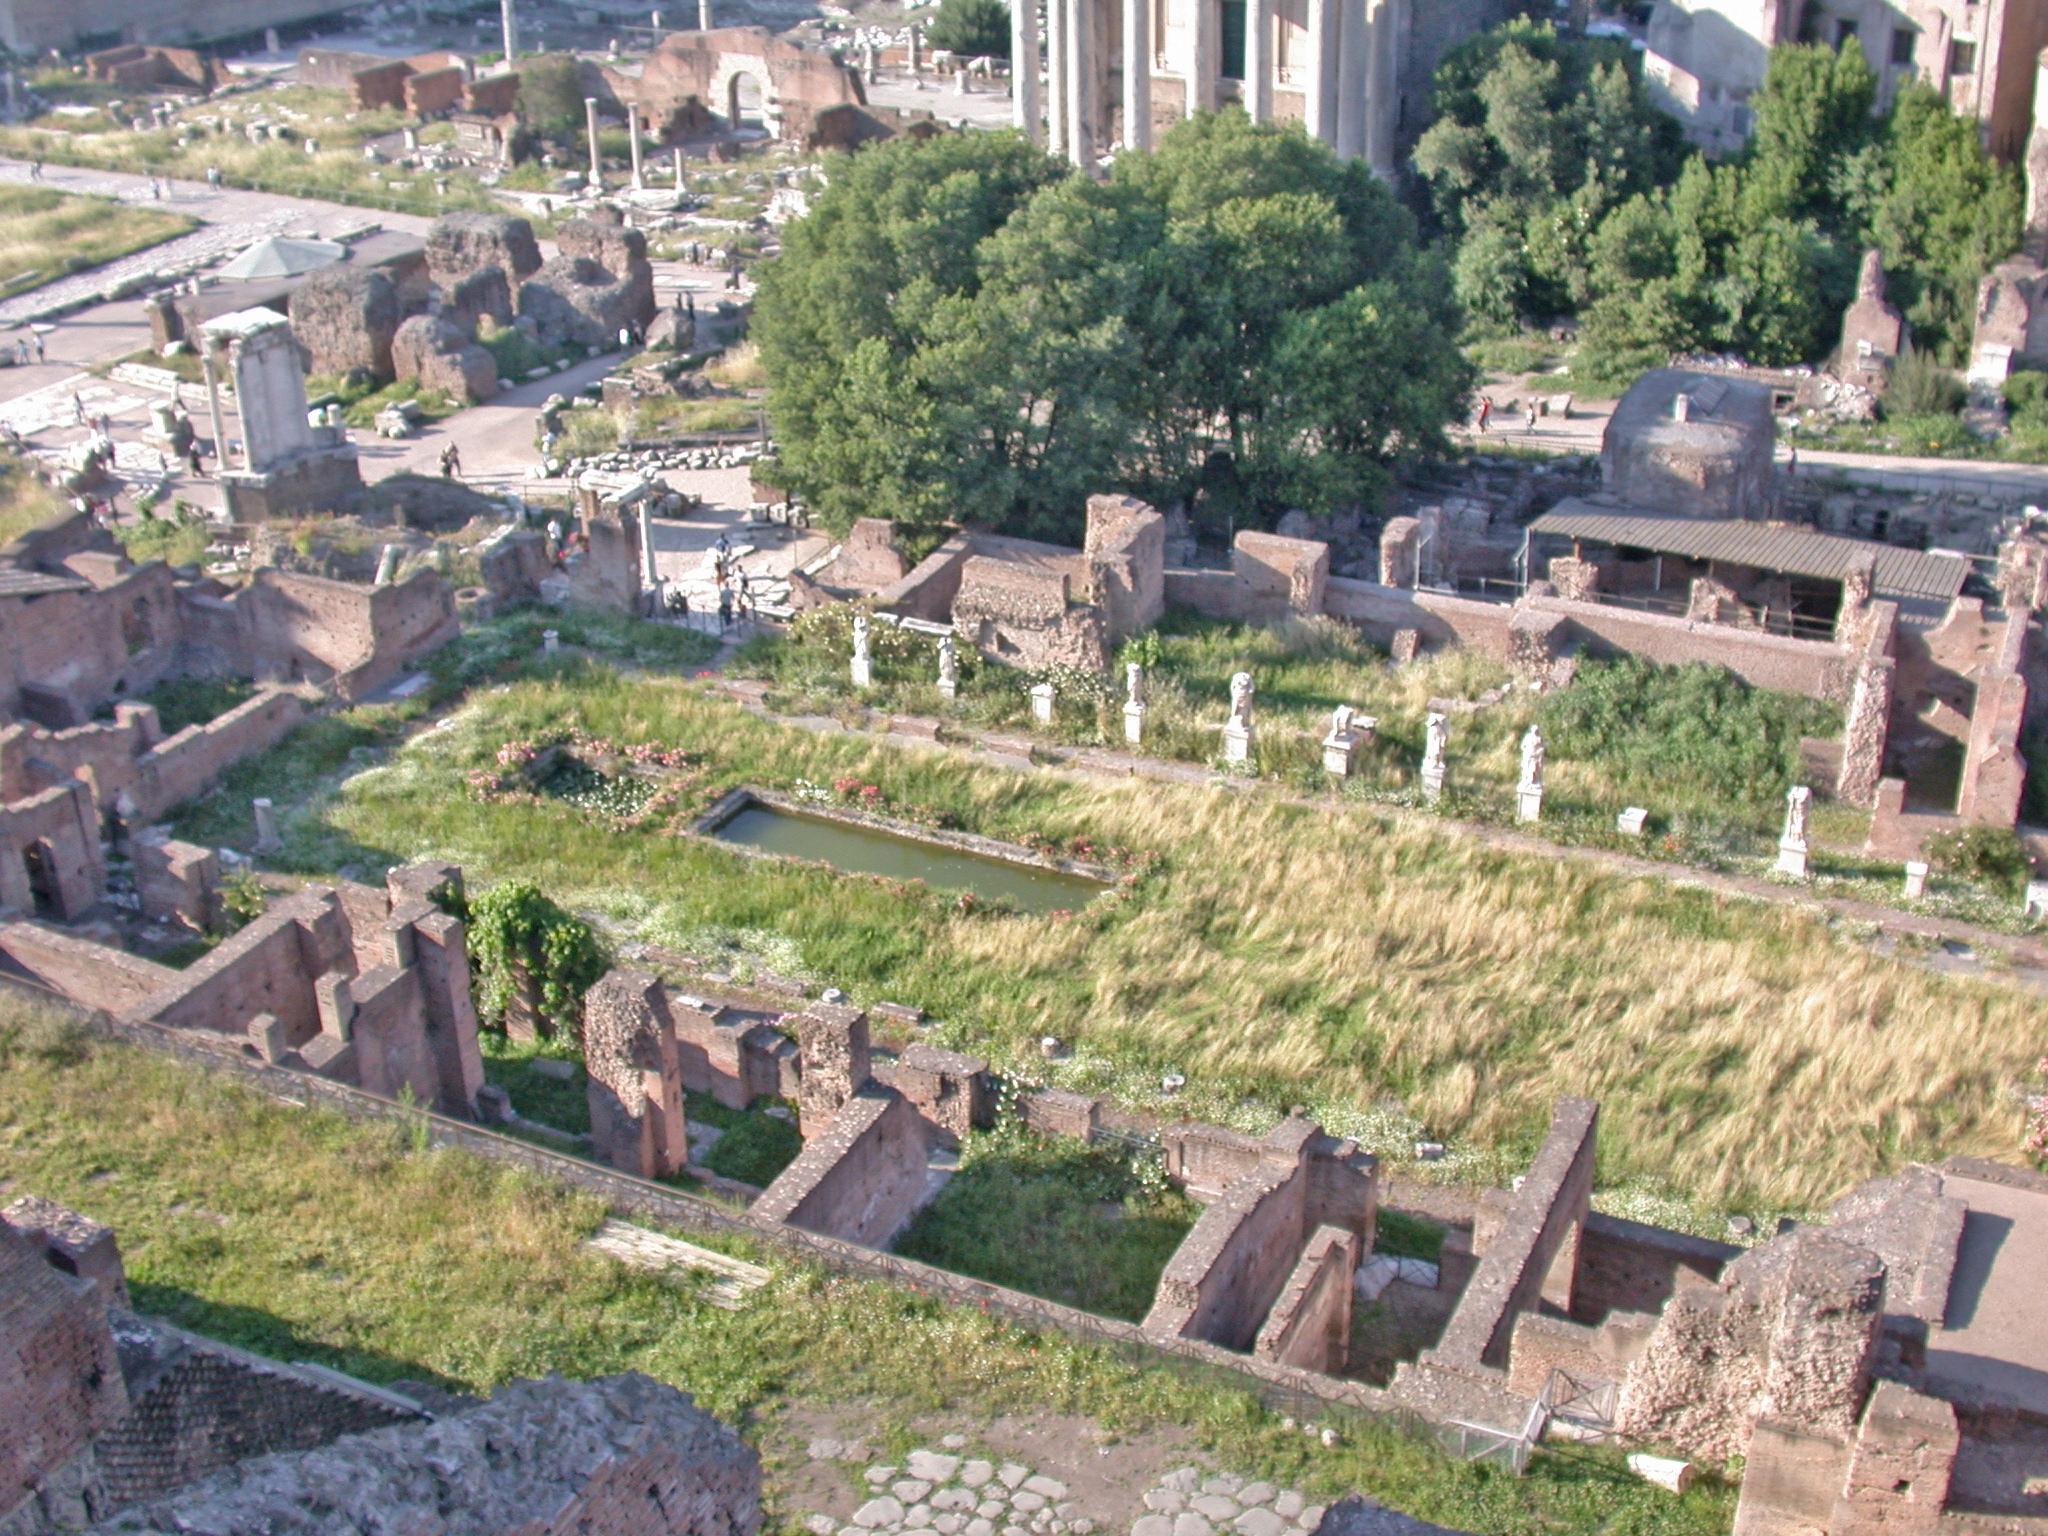 Vizitează Forumul Roman: 8 Repere, Sfaturi și excursii